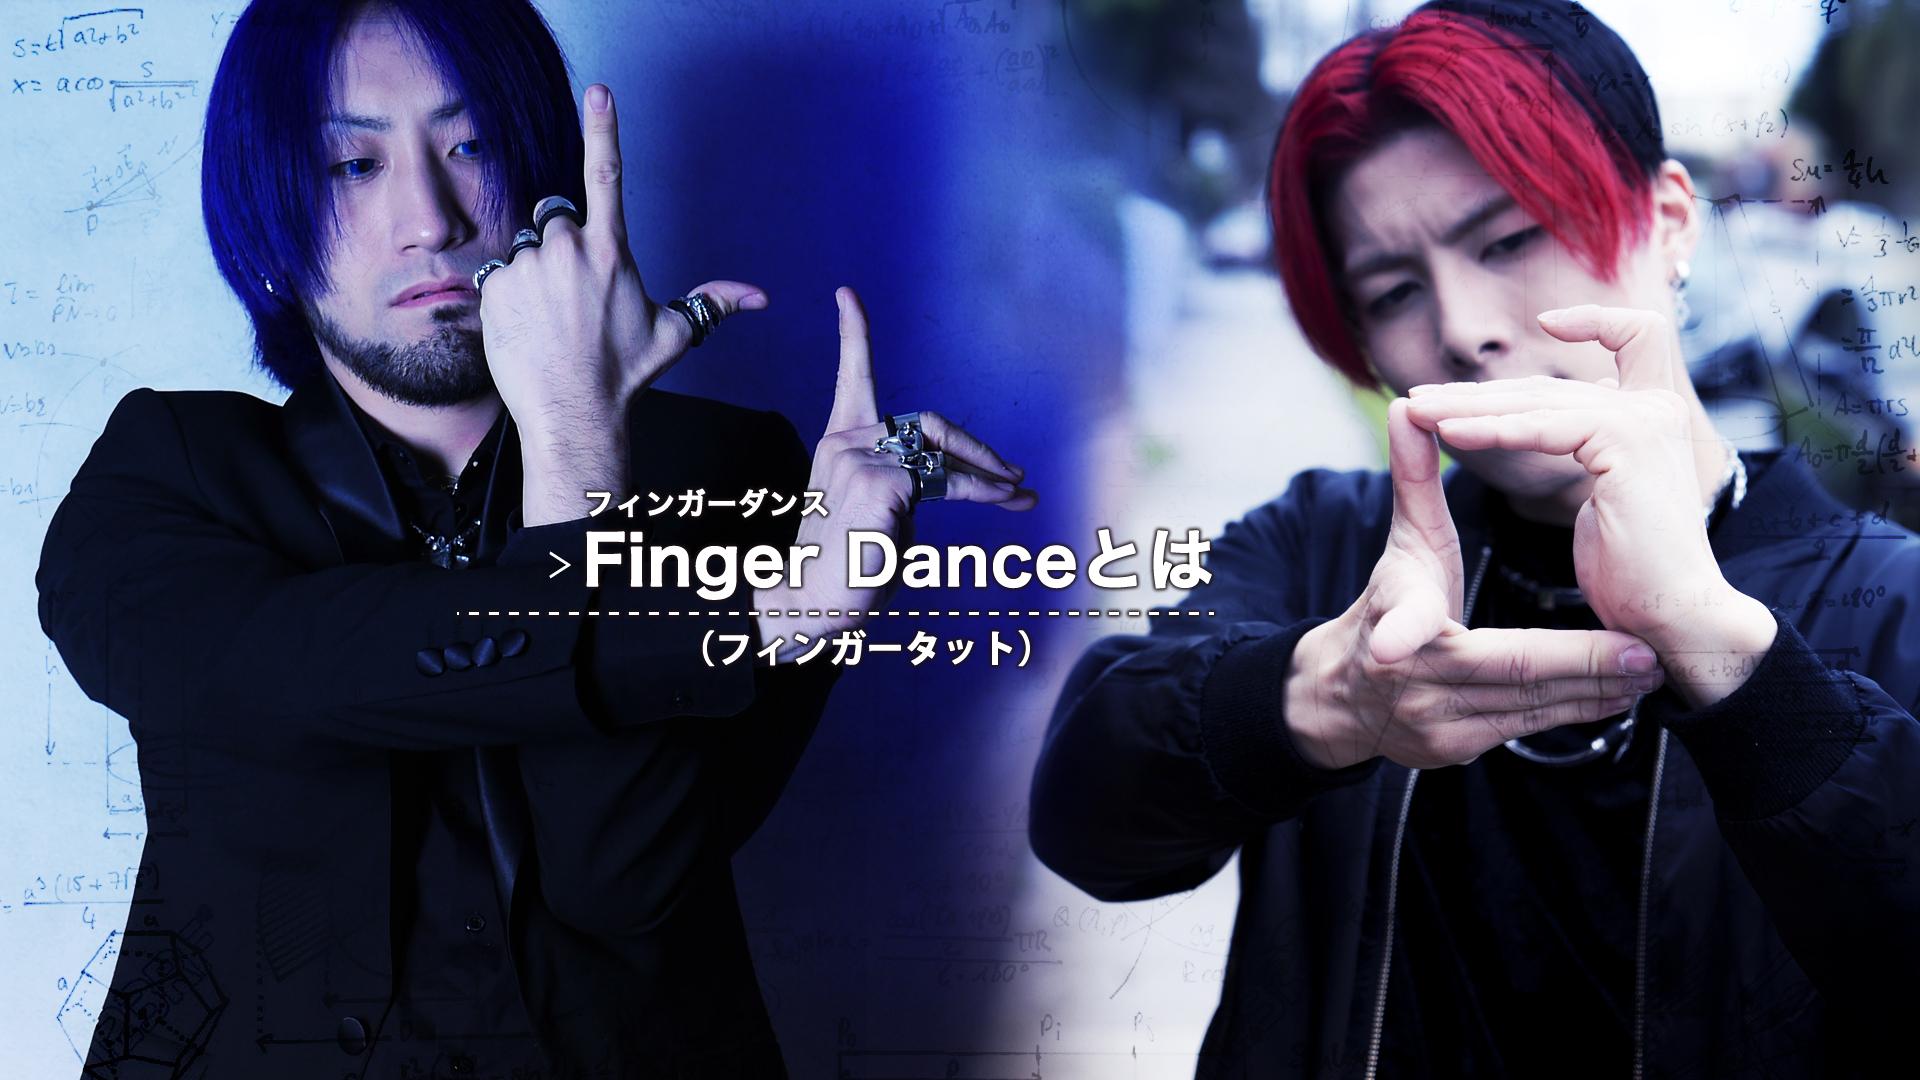 Finger Dance|フィンガータットとは 【2020ダンスジャンル別解説】